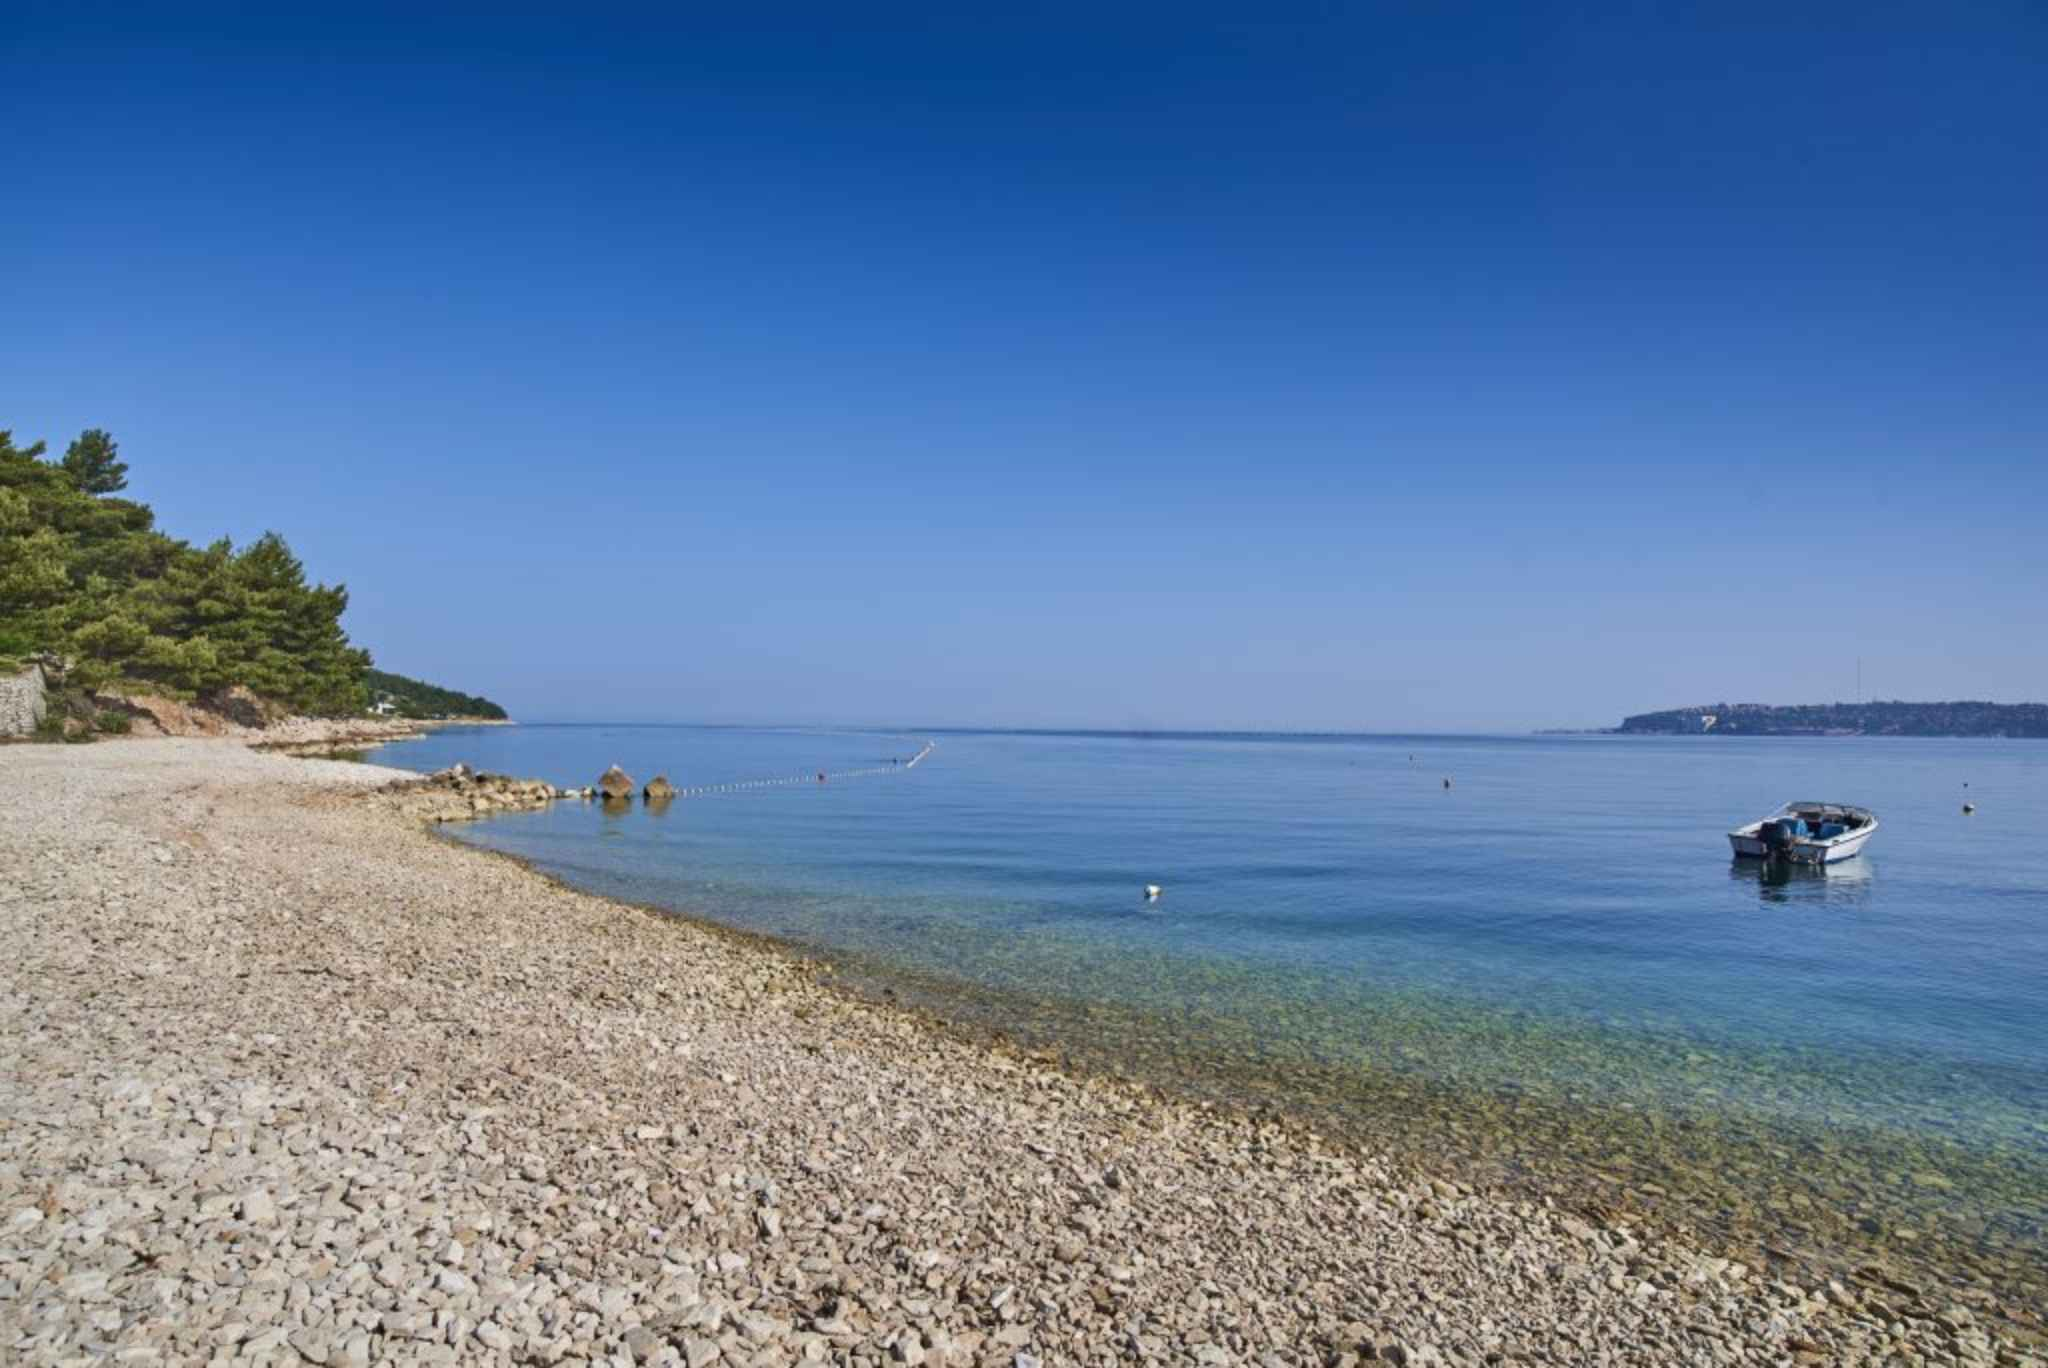 Ferienhaus Bungalow in der Ferienanlage Kanegra (281168), Umag, , Istrien, Kroatien, Bild 1